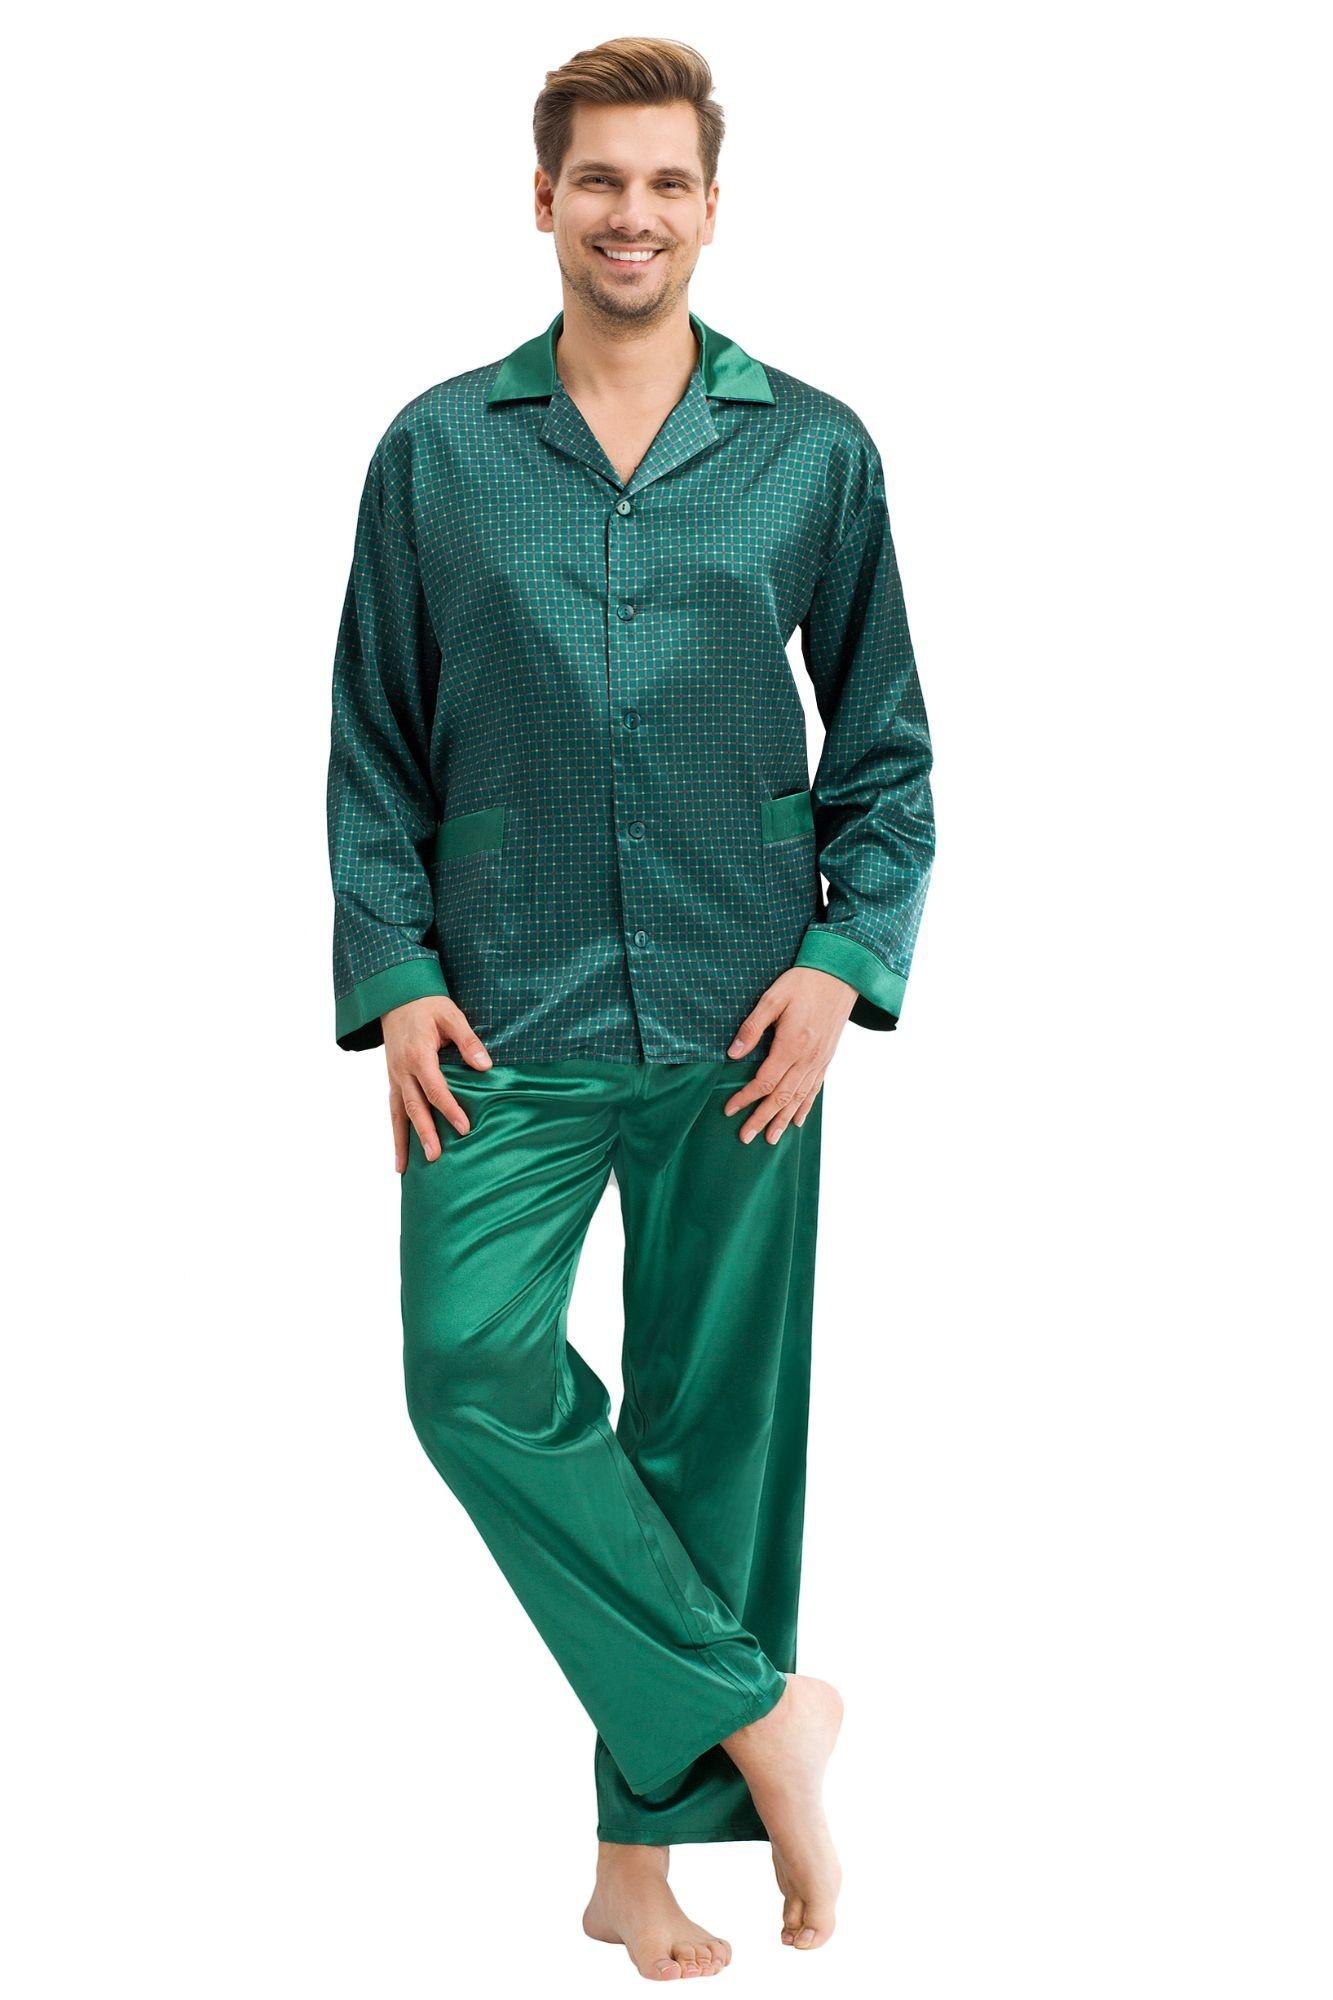 872618b4b6f4 Pánské saténové pyžamo Charles zelené - ELEGANT.cz